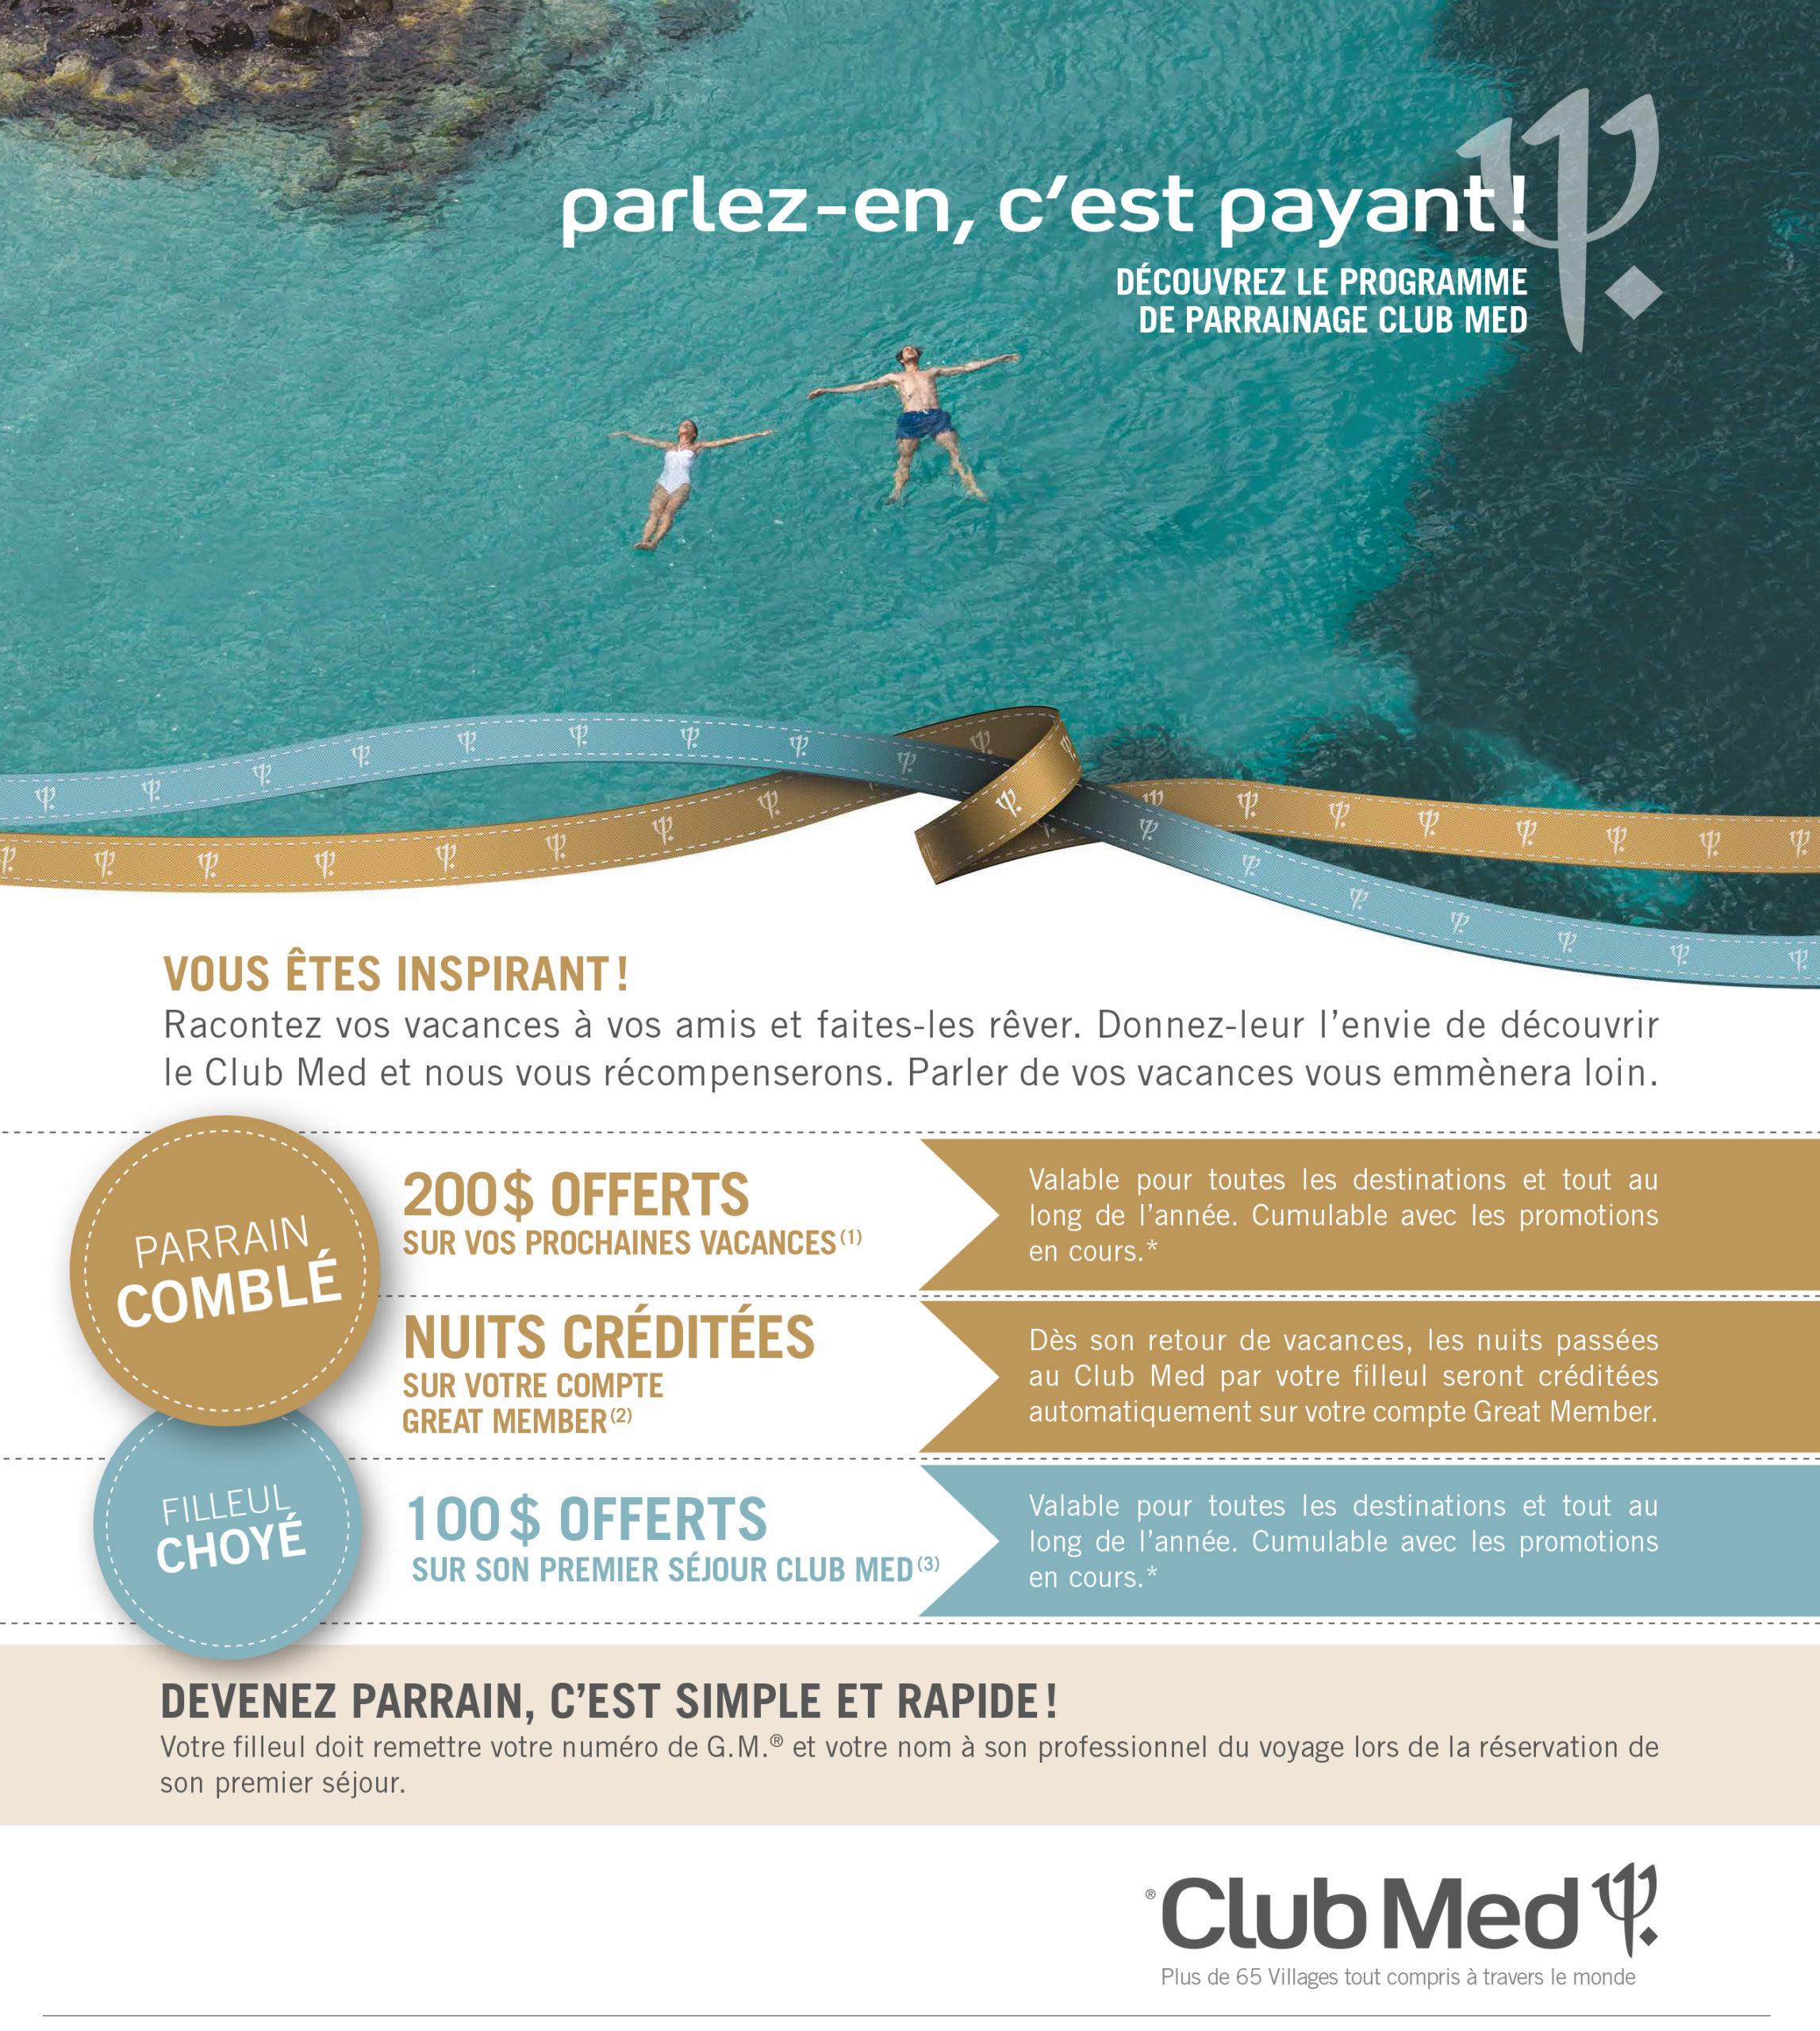 Club Med Programme de parrainage